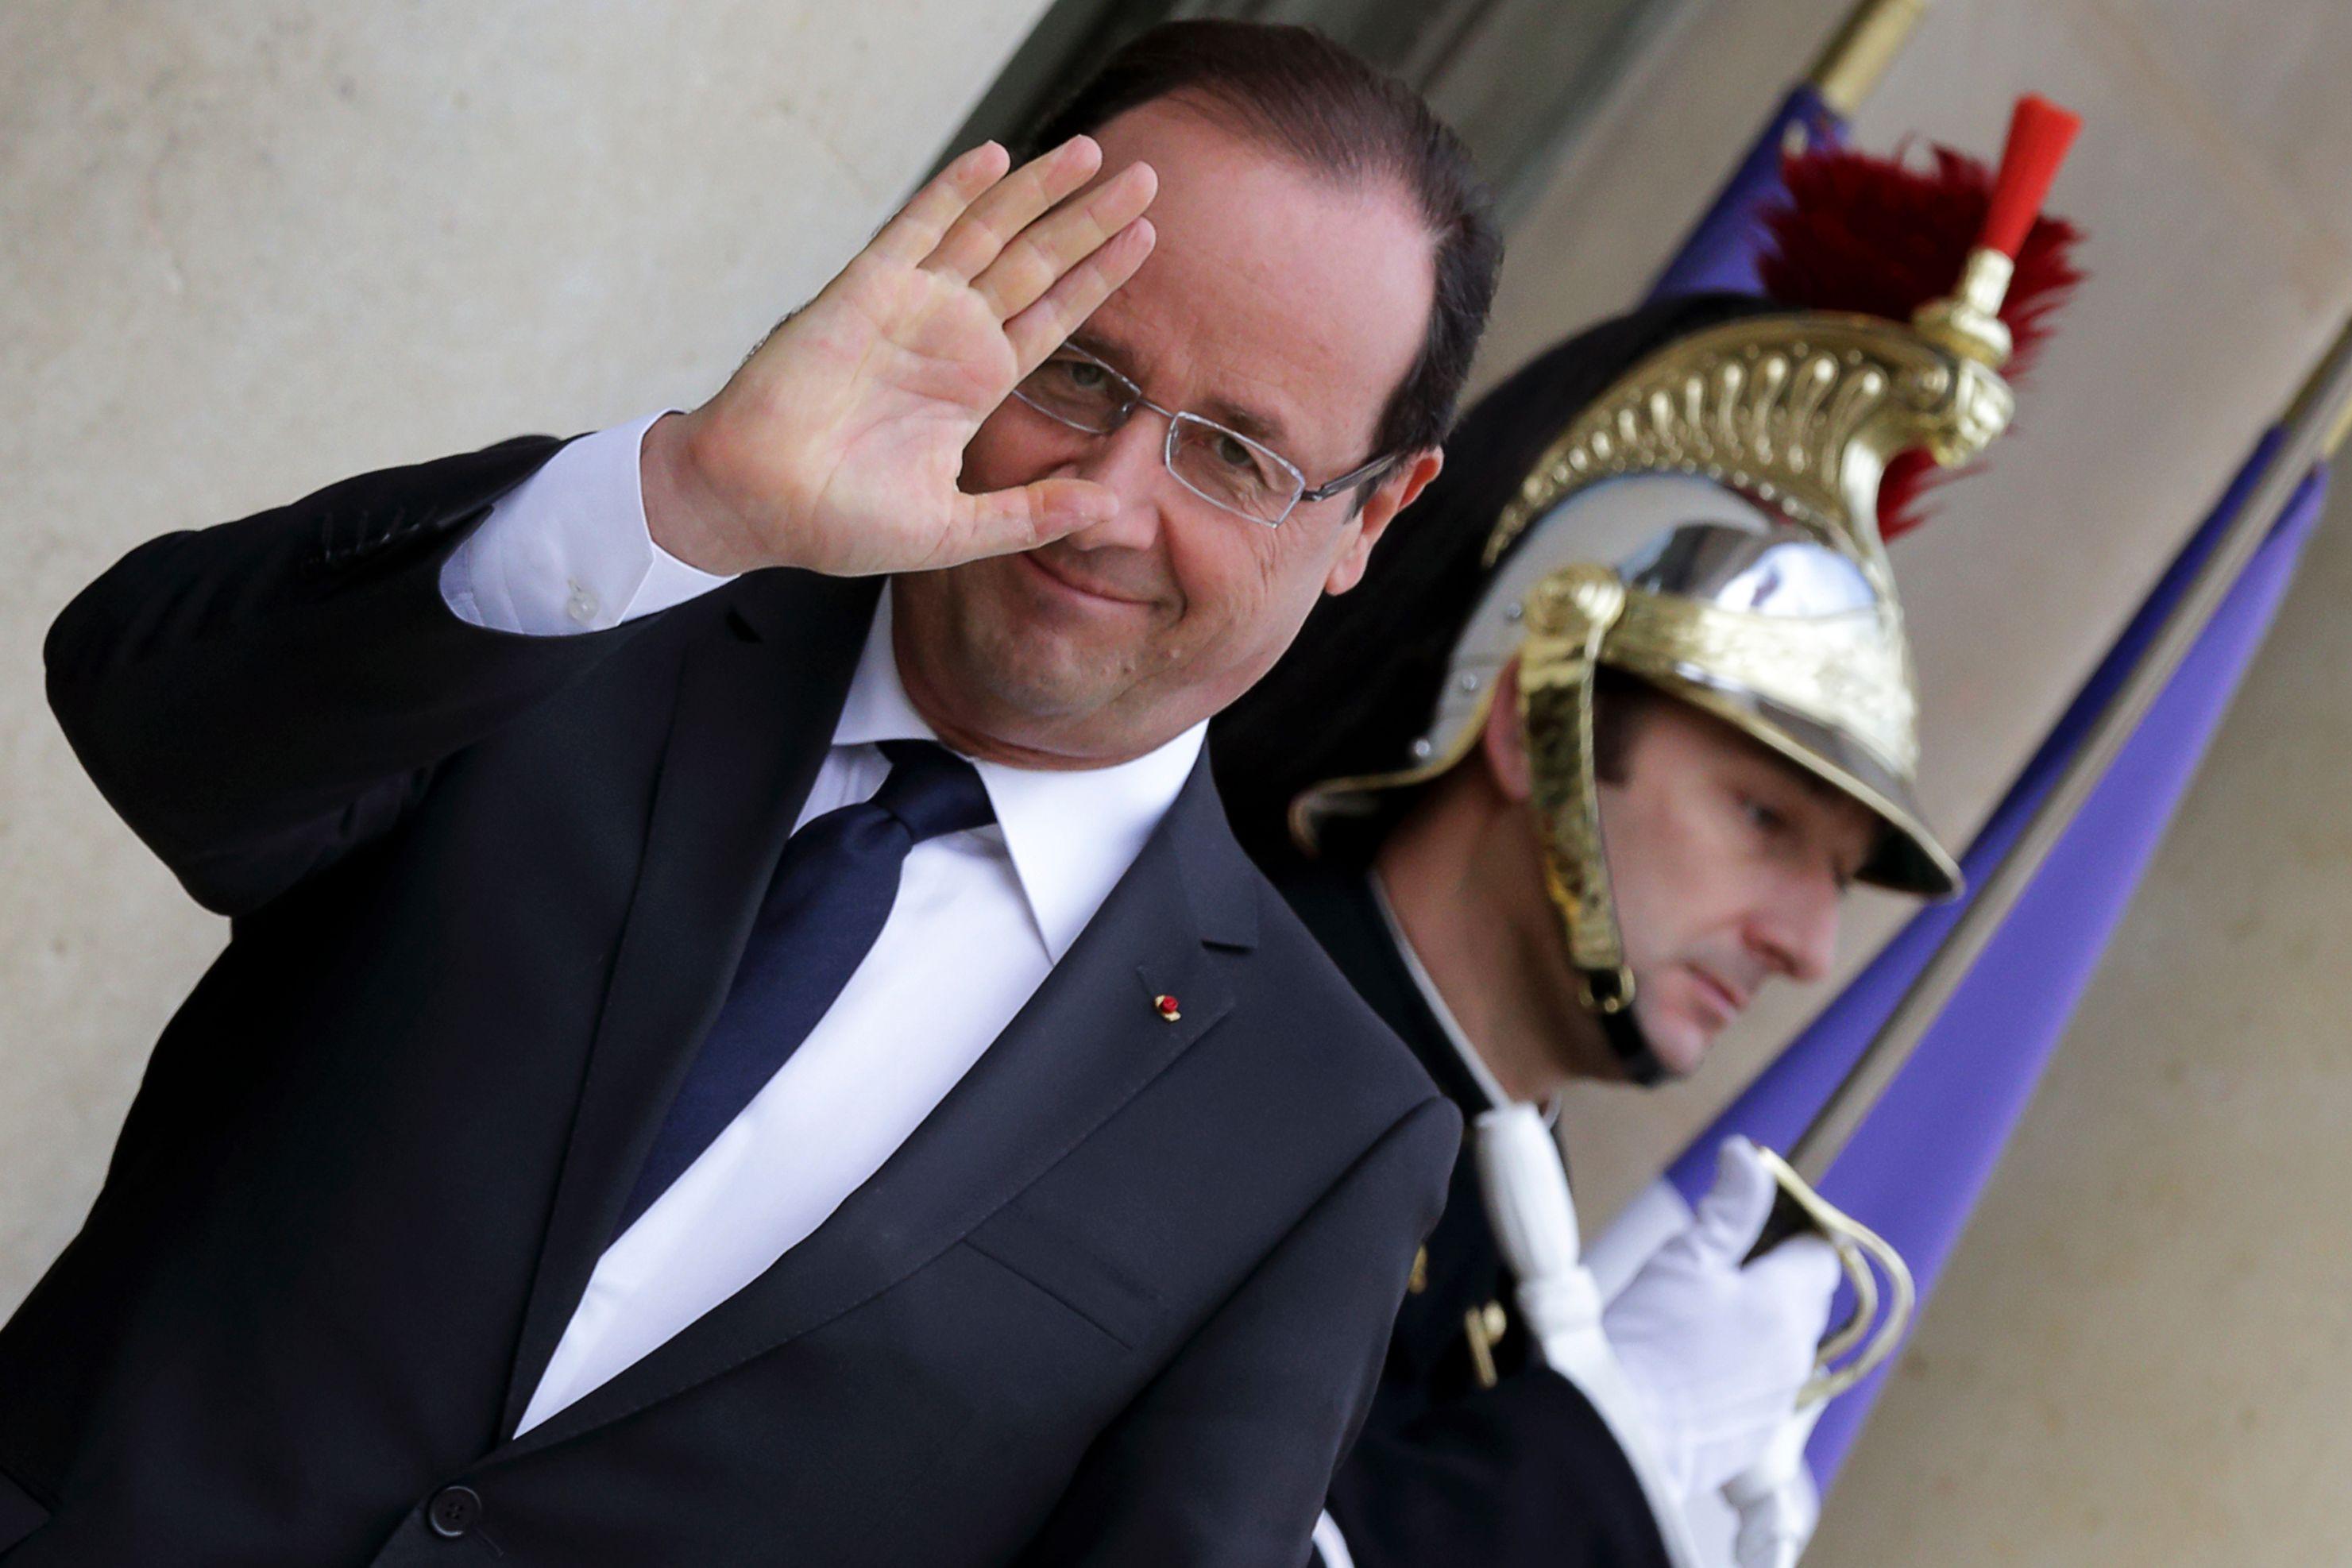 François Hollande percevra plus de 15 000 euros lorsqu'il aura quitté l'Elysée